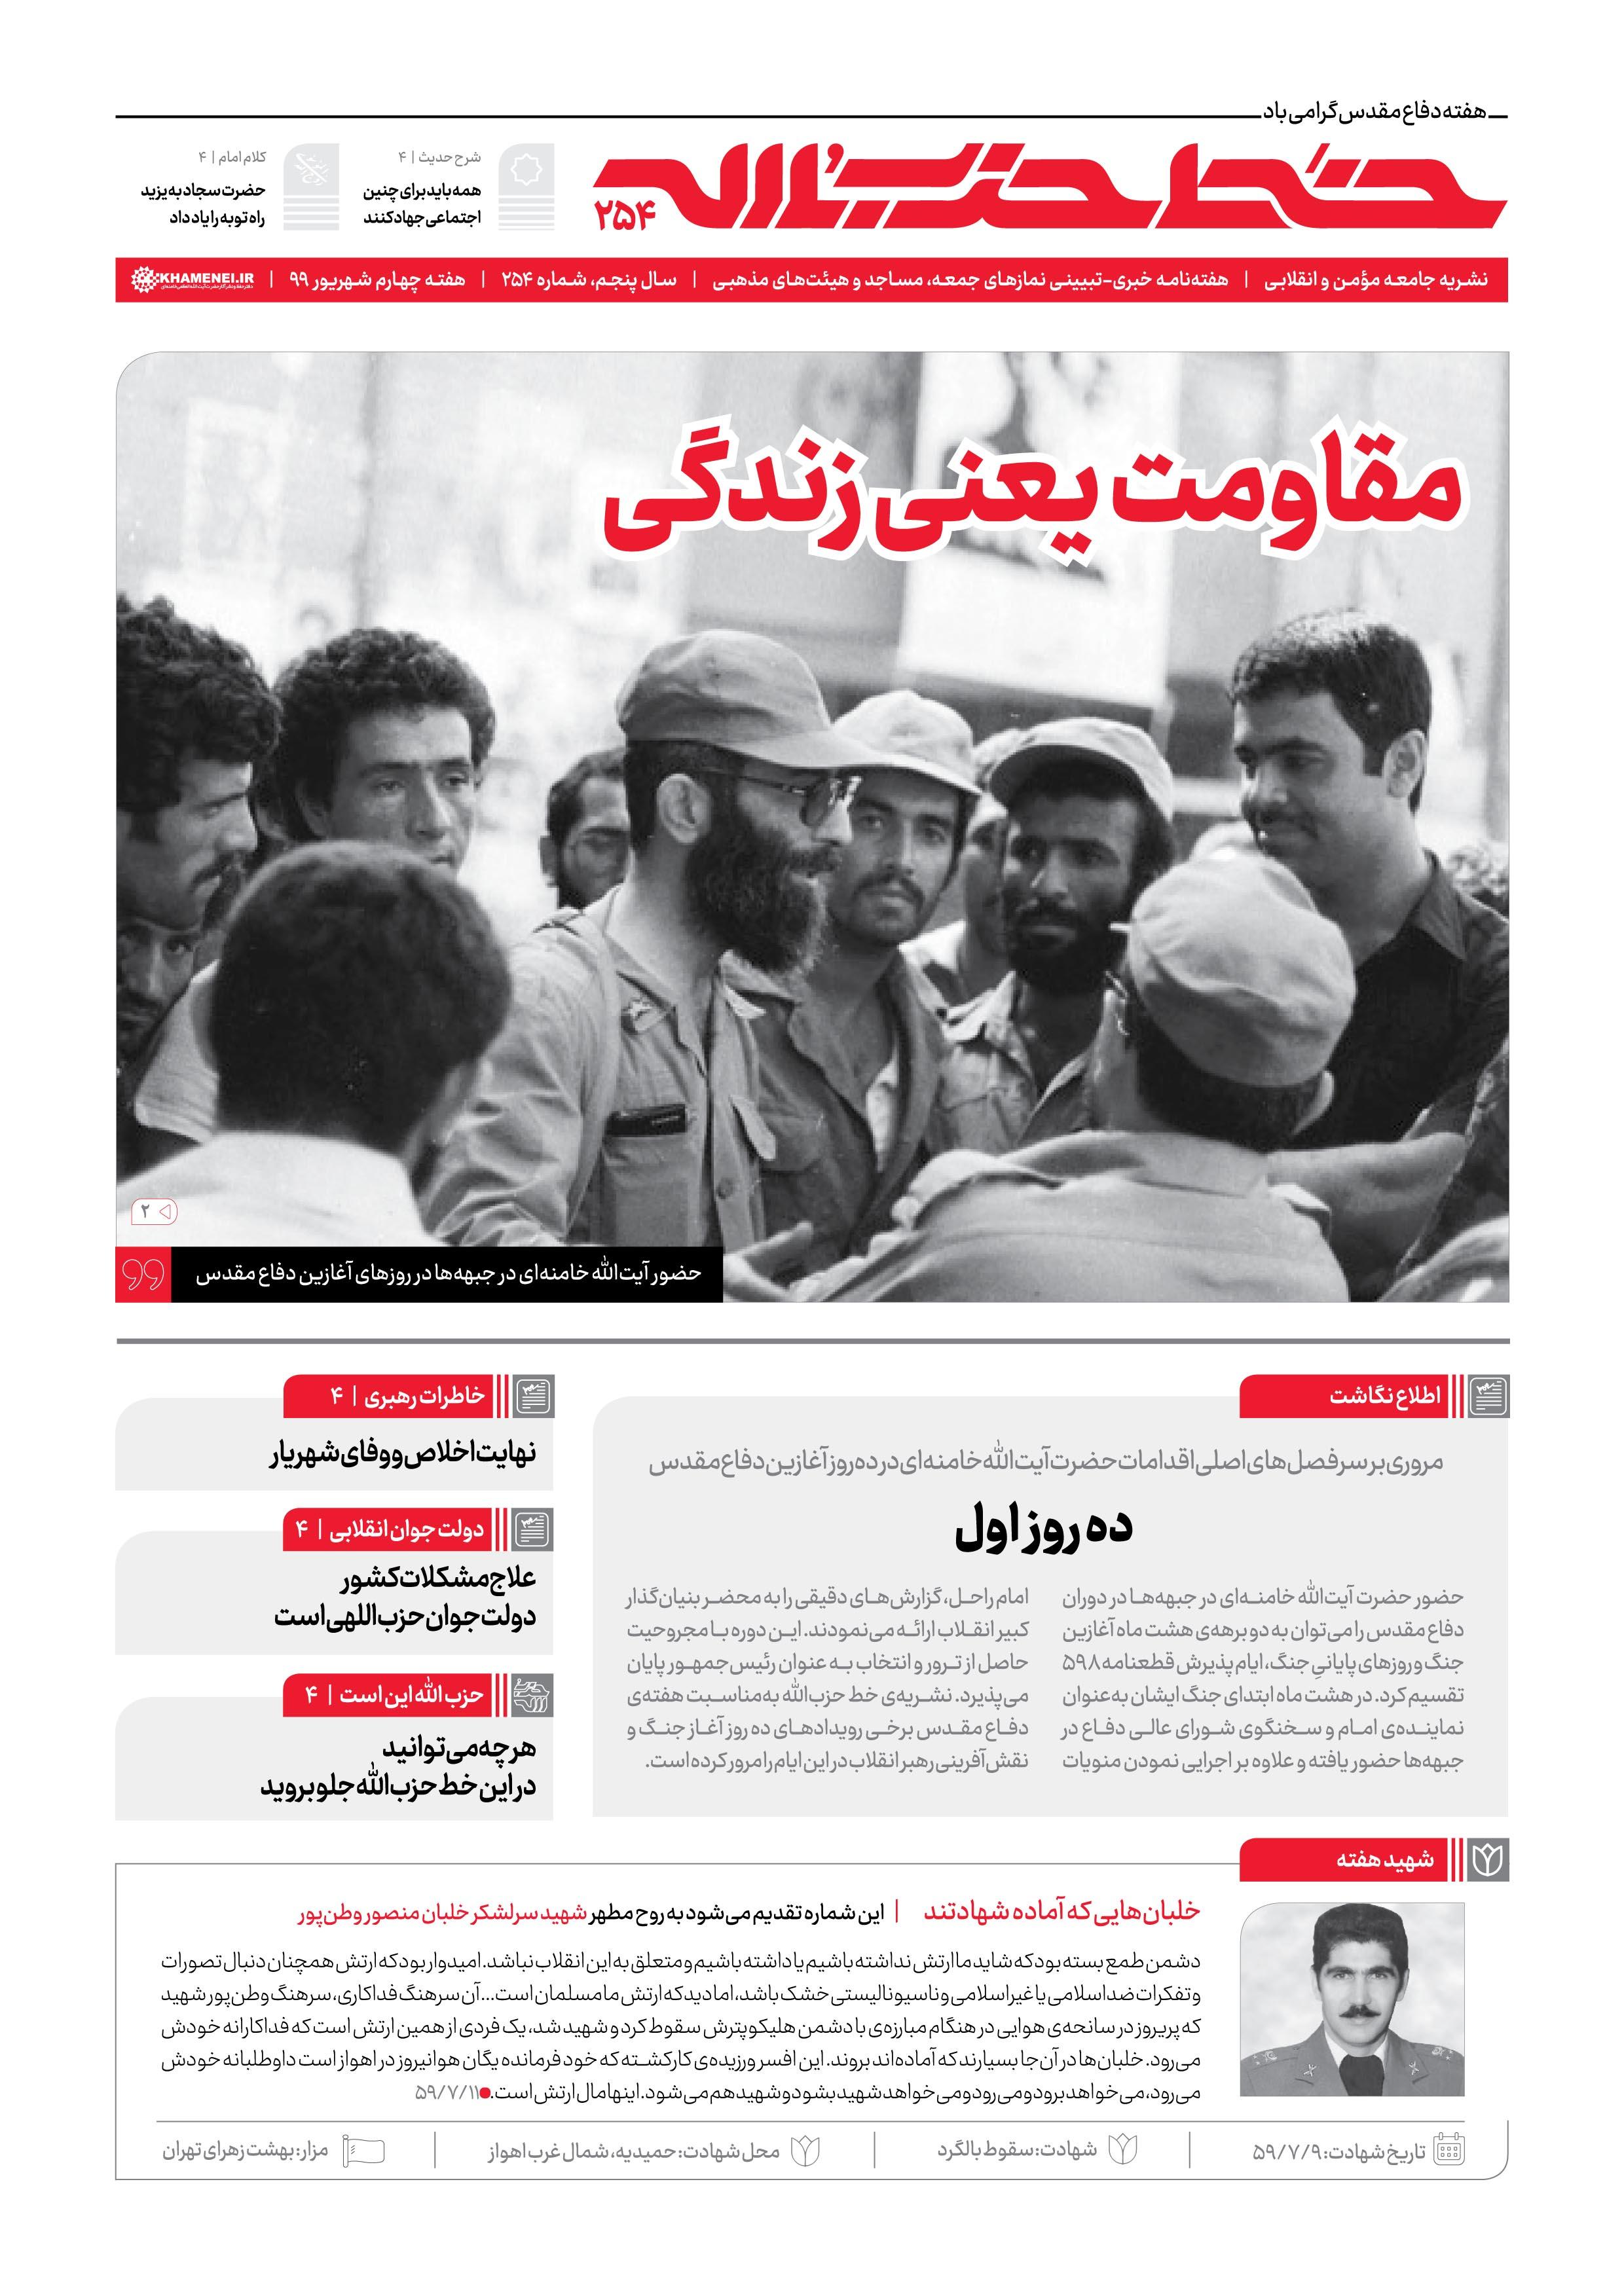 شماره جدید خط حزبالله با عنوان «مقاومت یعنی زندگی» منتشر شد